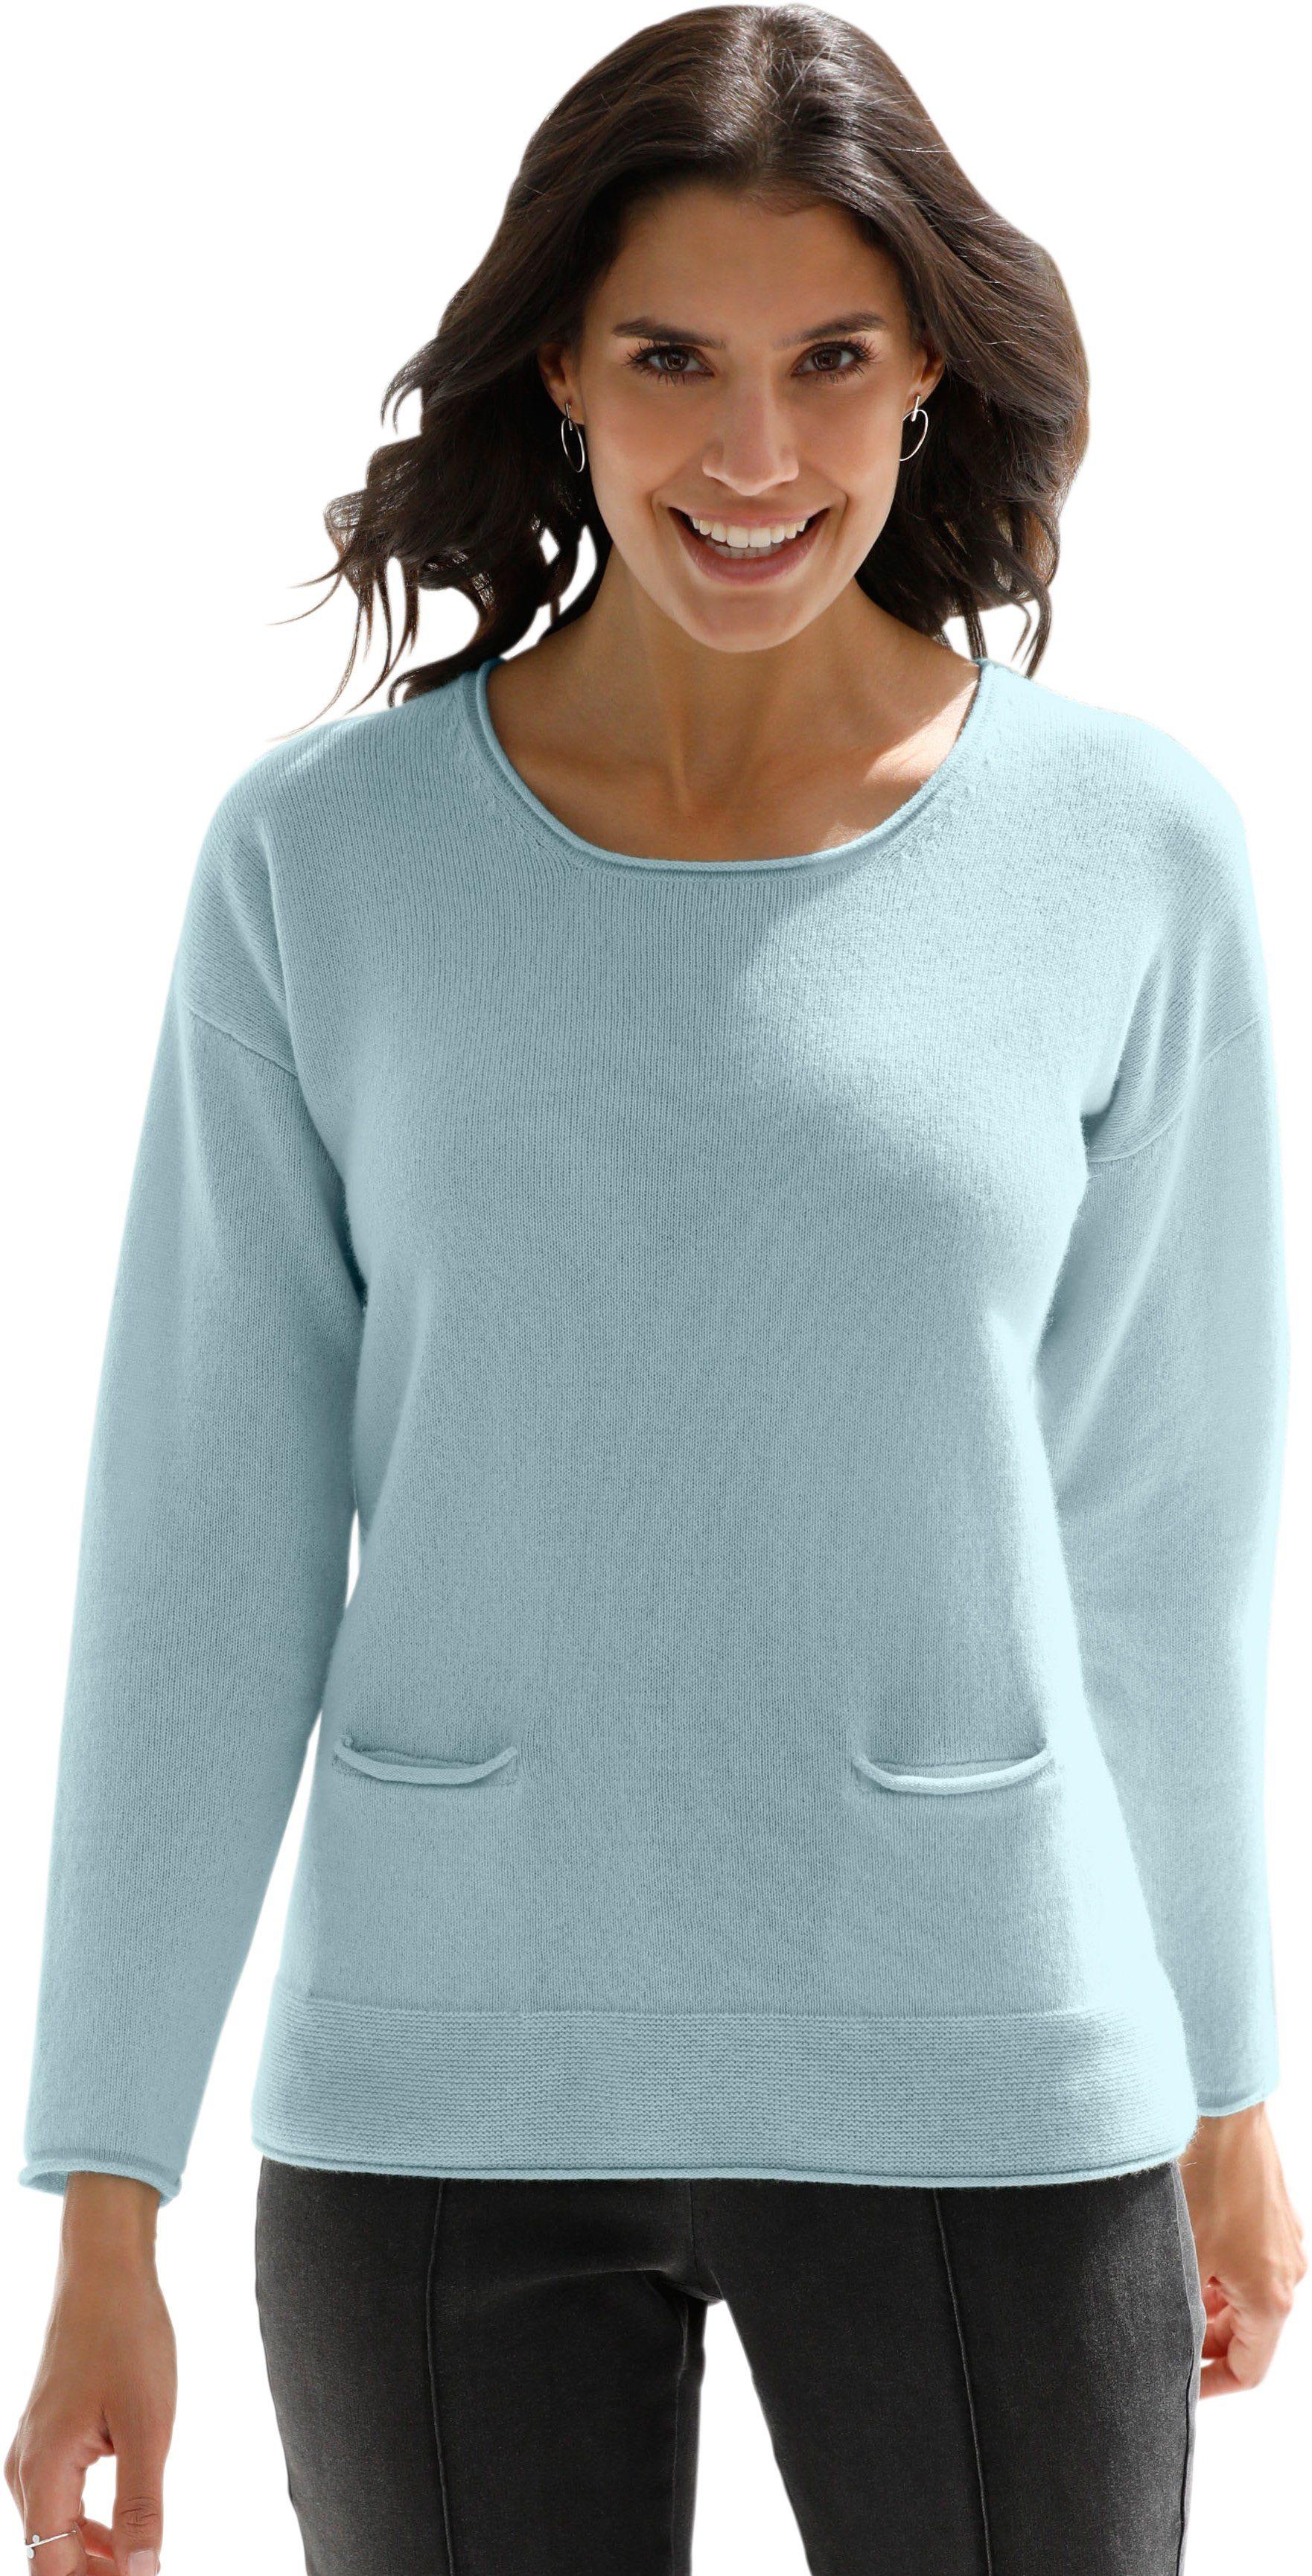 Koop Inspirationen Classic Inspirationen trui met lichte